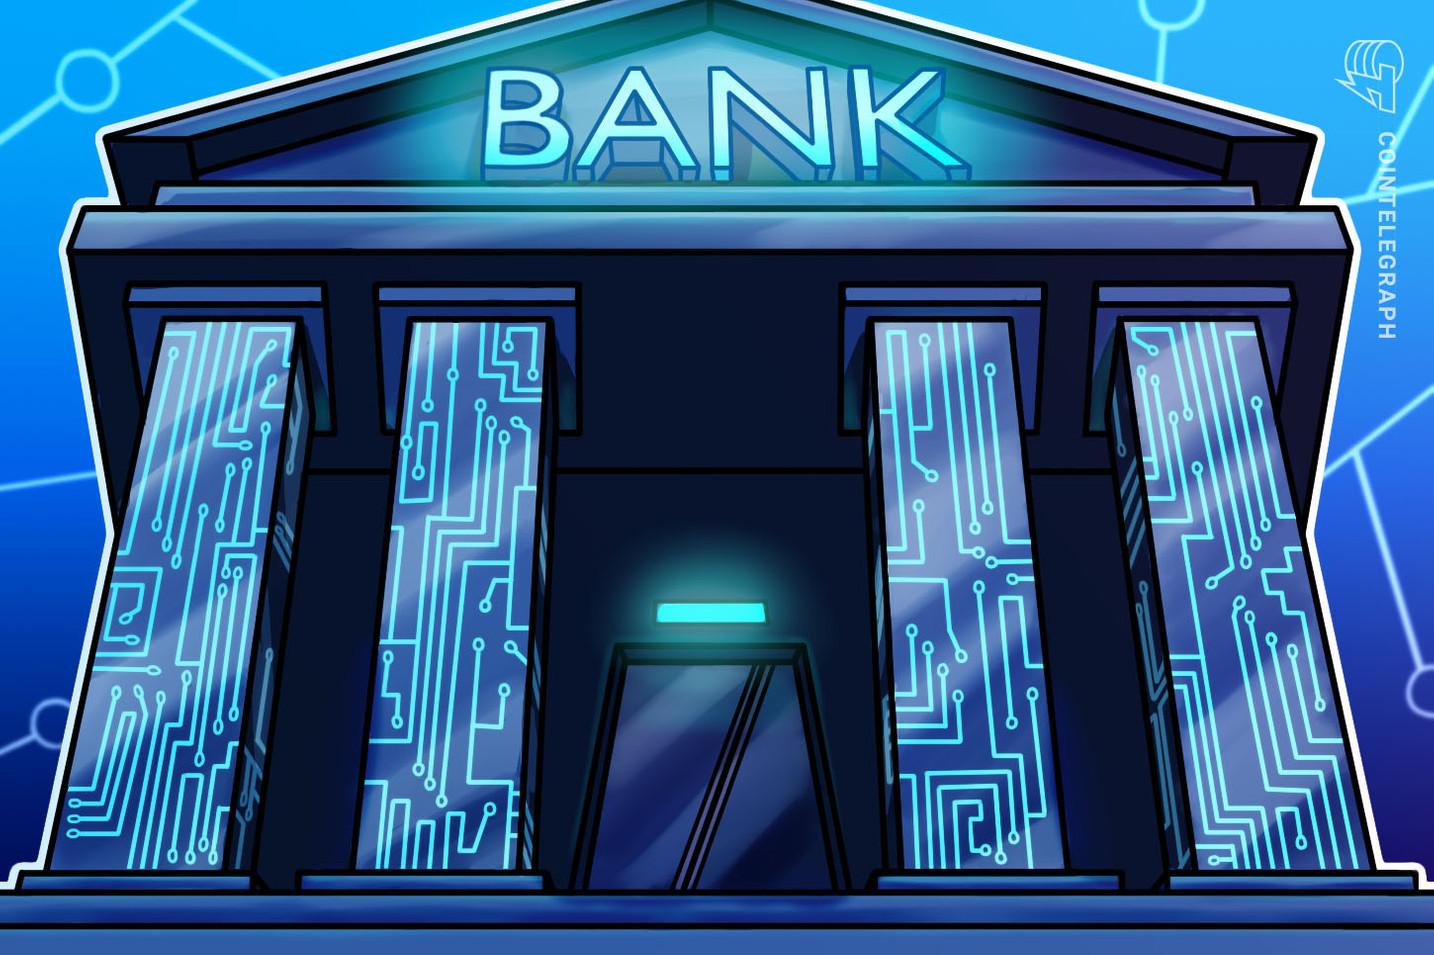 Bank of Canada: Crypto highly risky despite institutional adoption